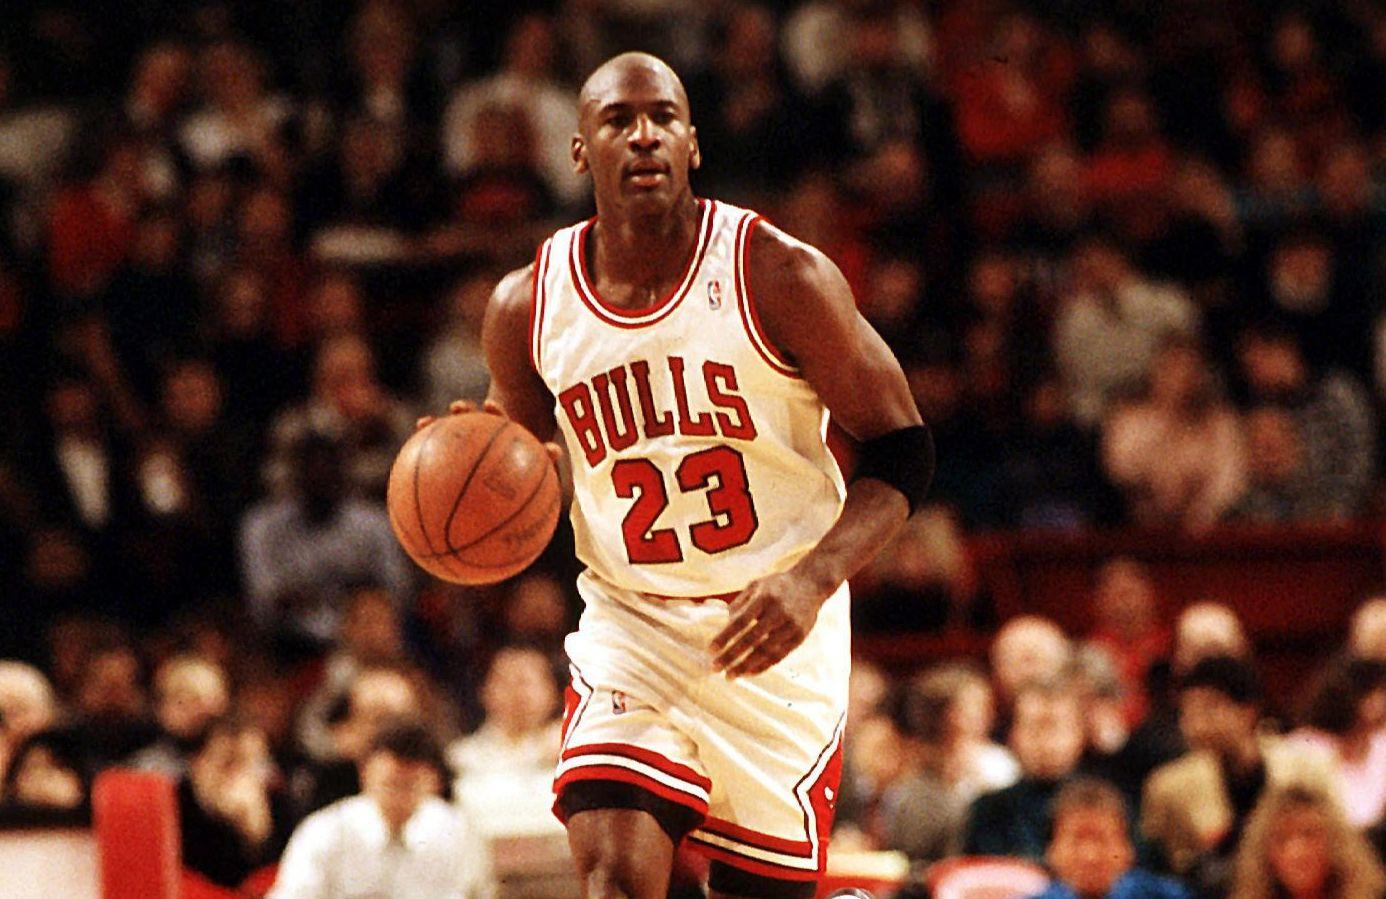 Michael Jordan danse avec les Bulls NBA Basket